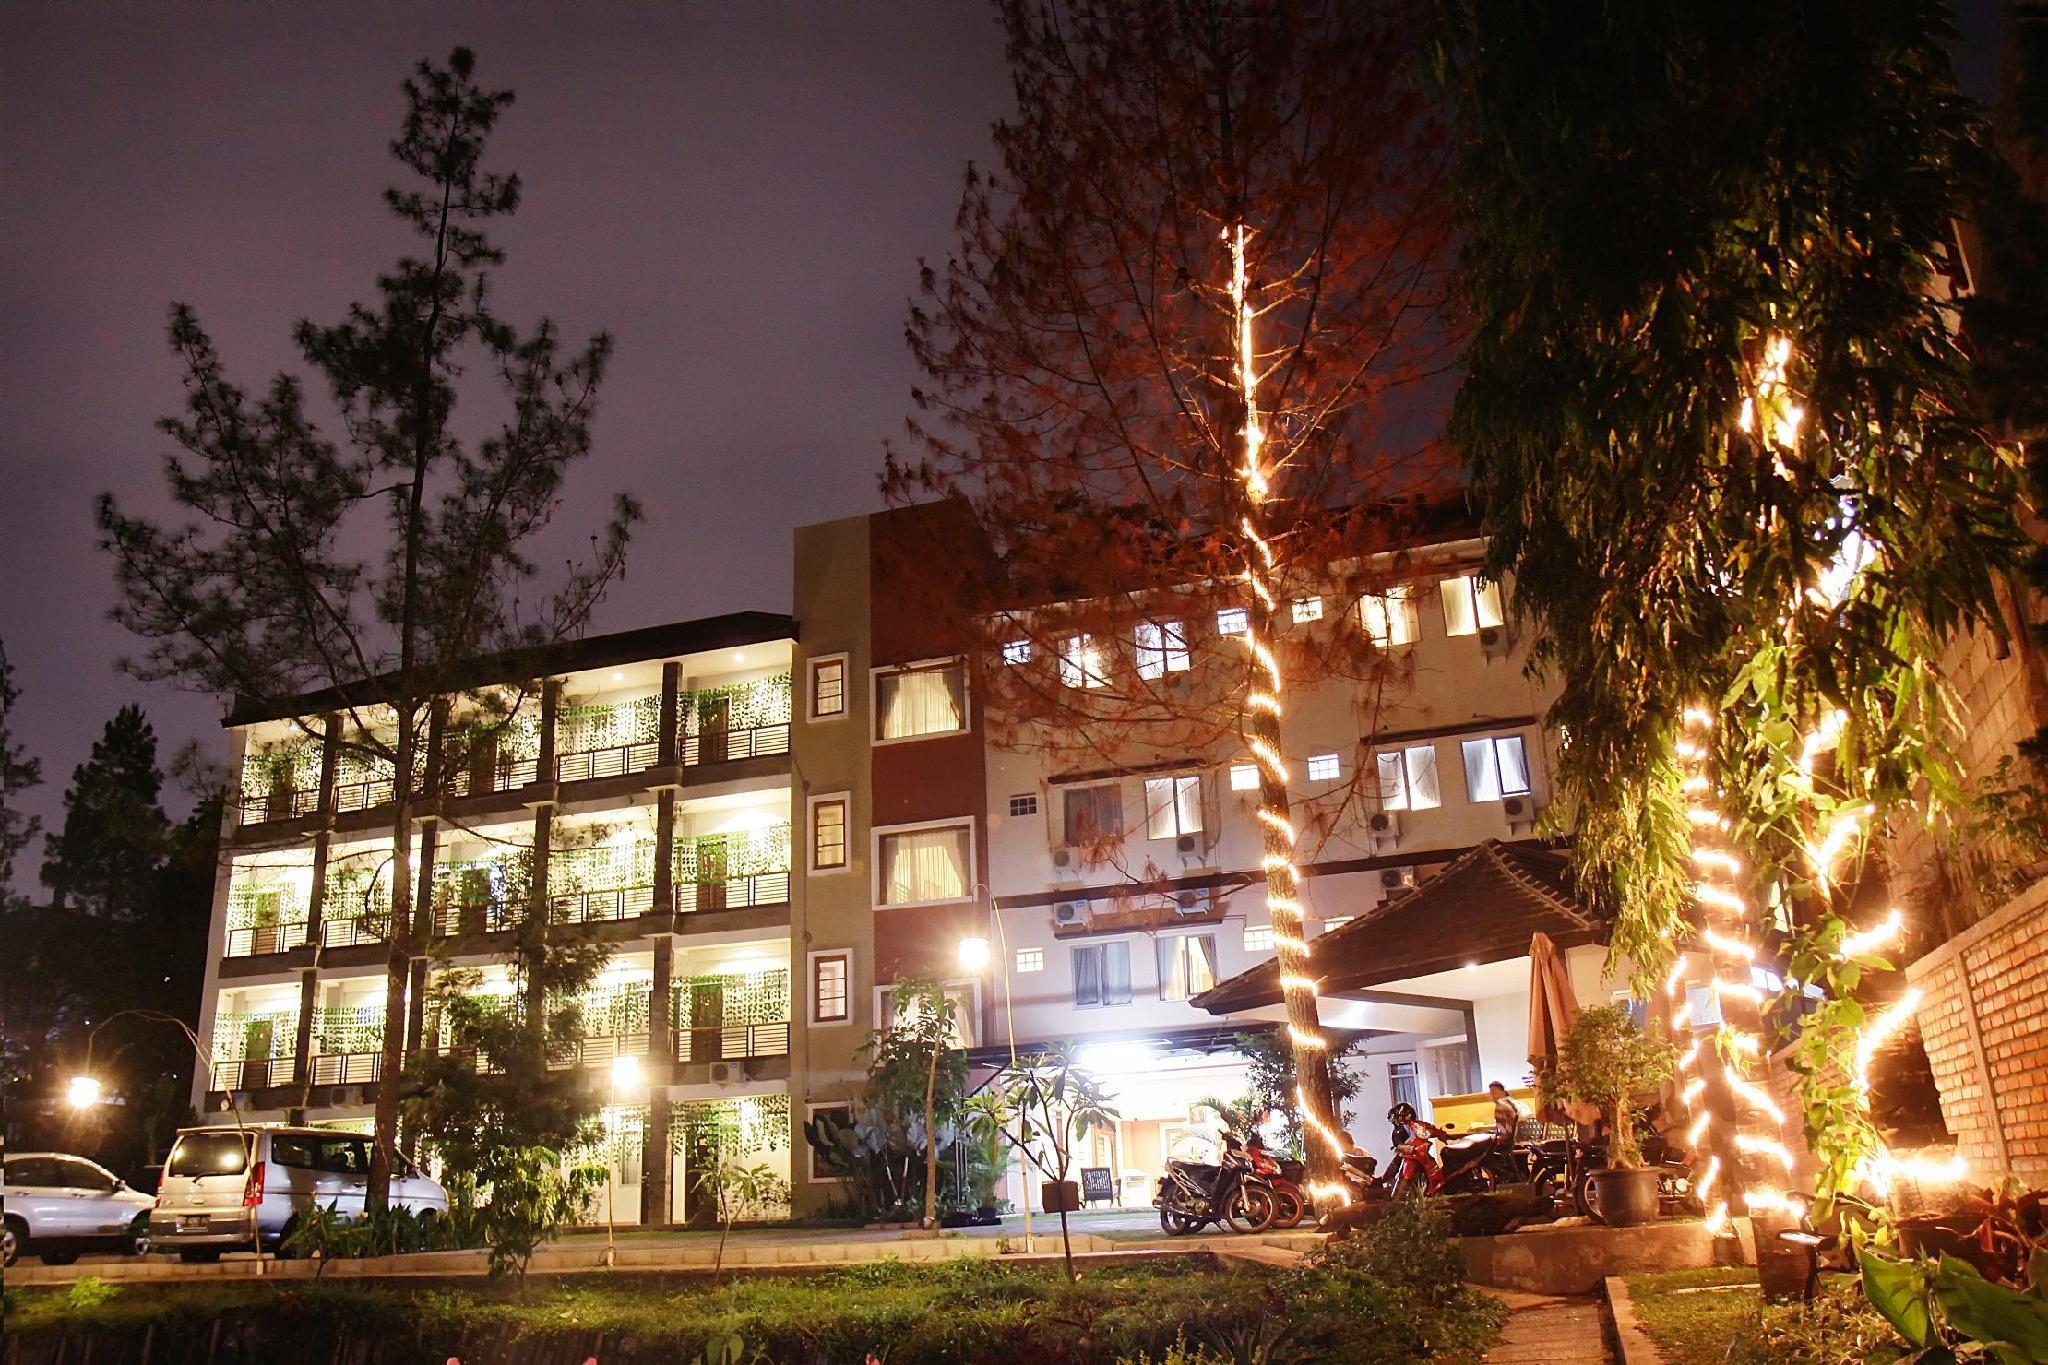 Lotus Bandung Hotel, Cafe, and Meeting Place, Bandung